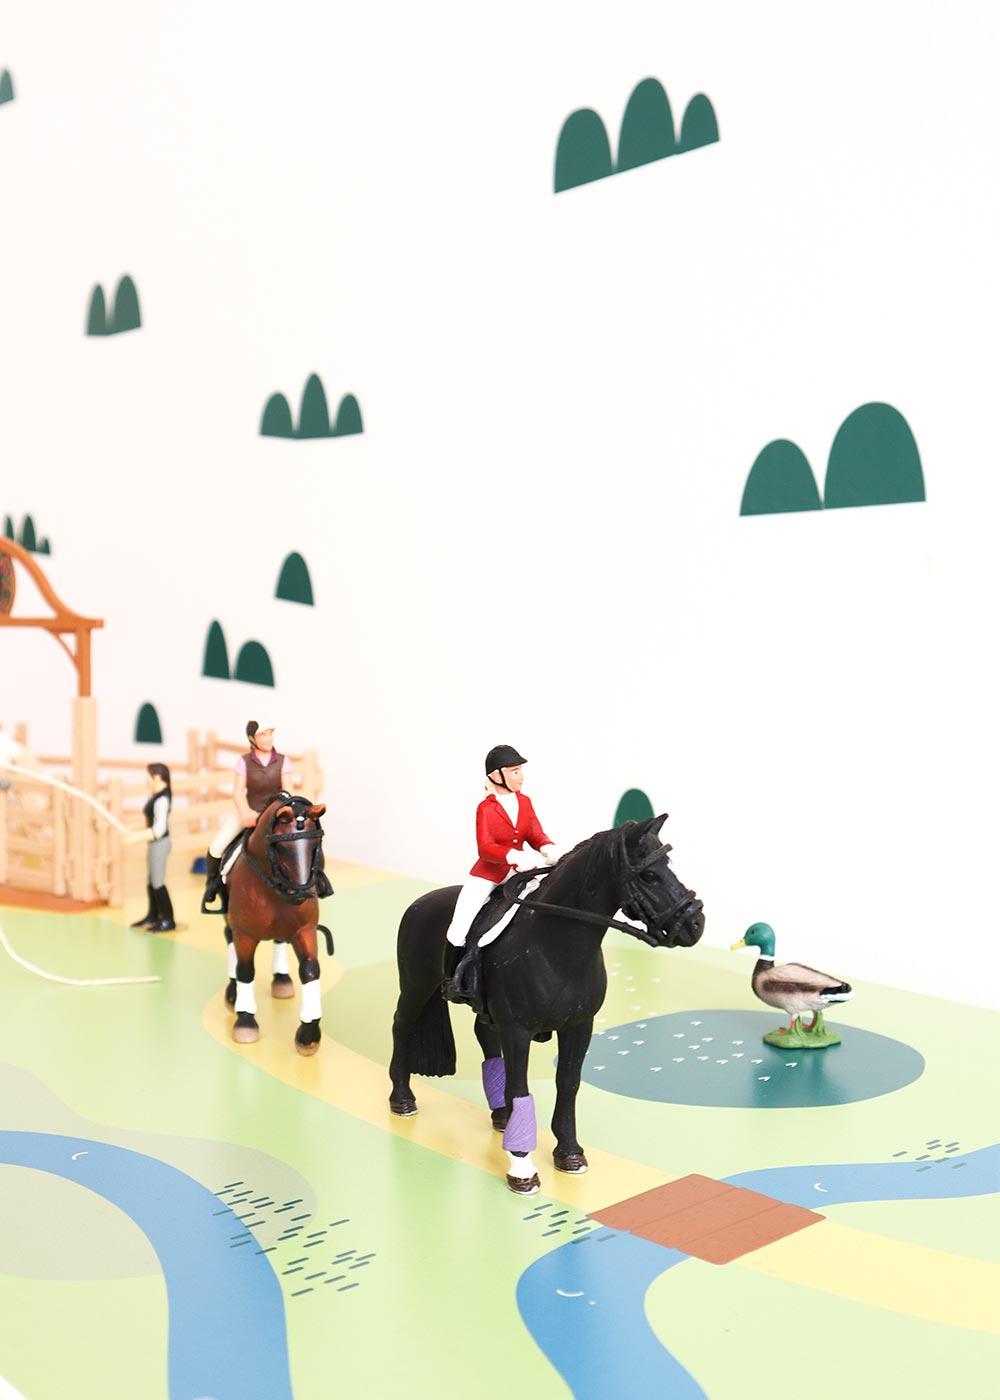 Ikea Lätt Kindertisch Spielwiese Teilansicht Pferd